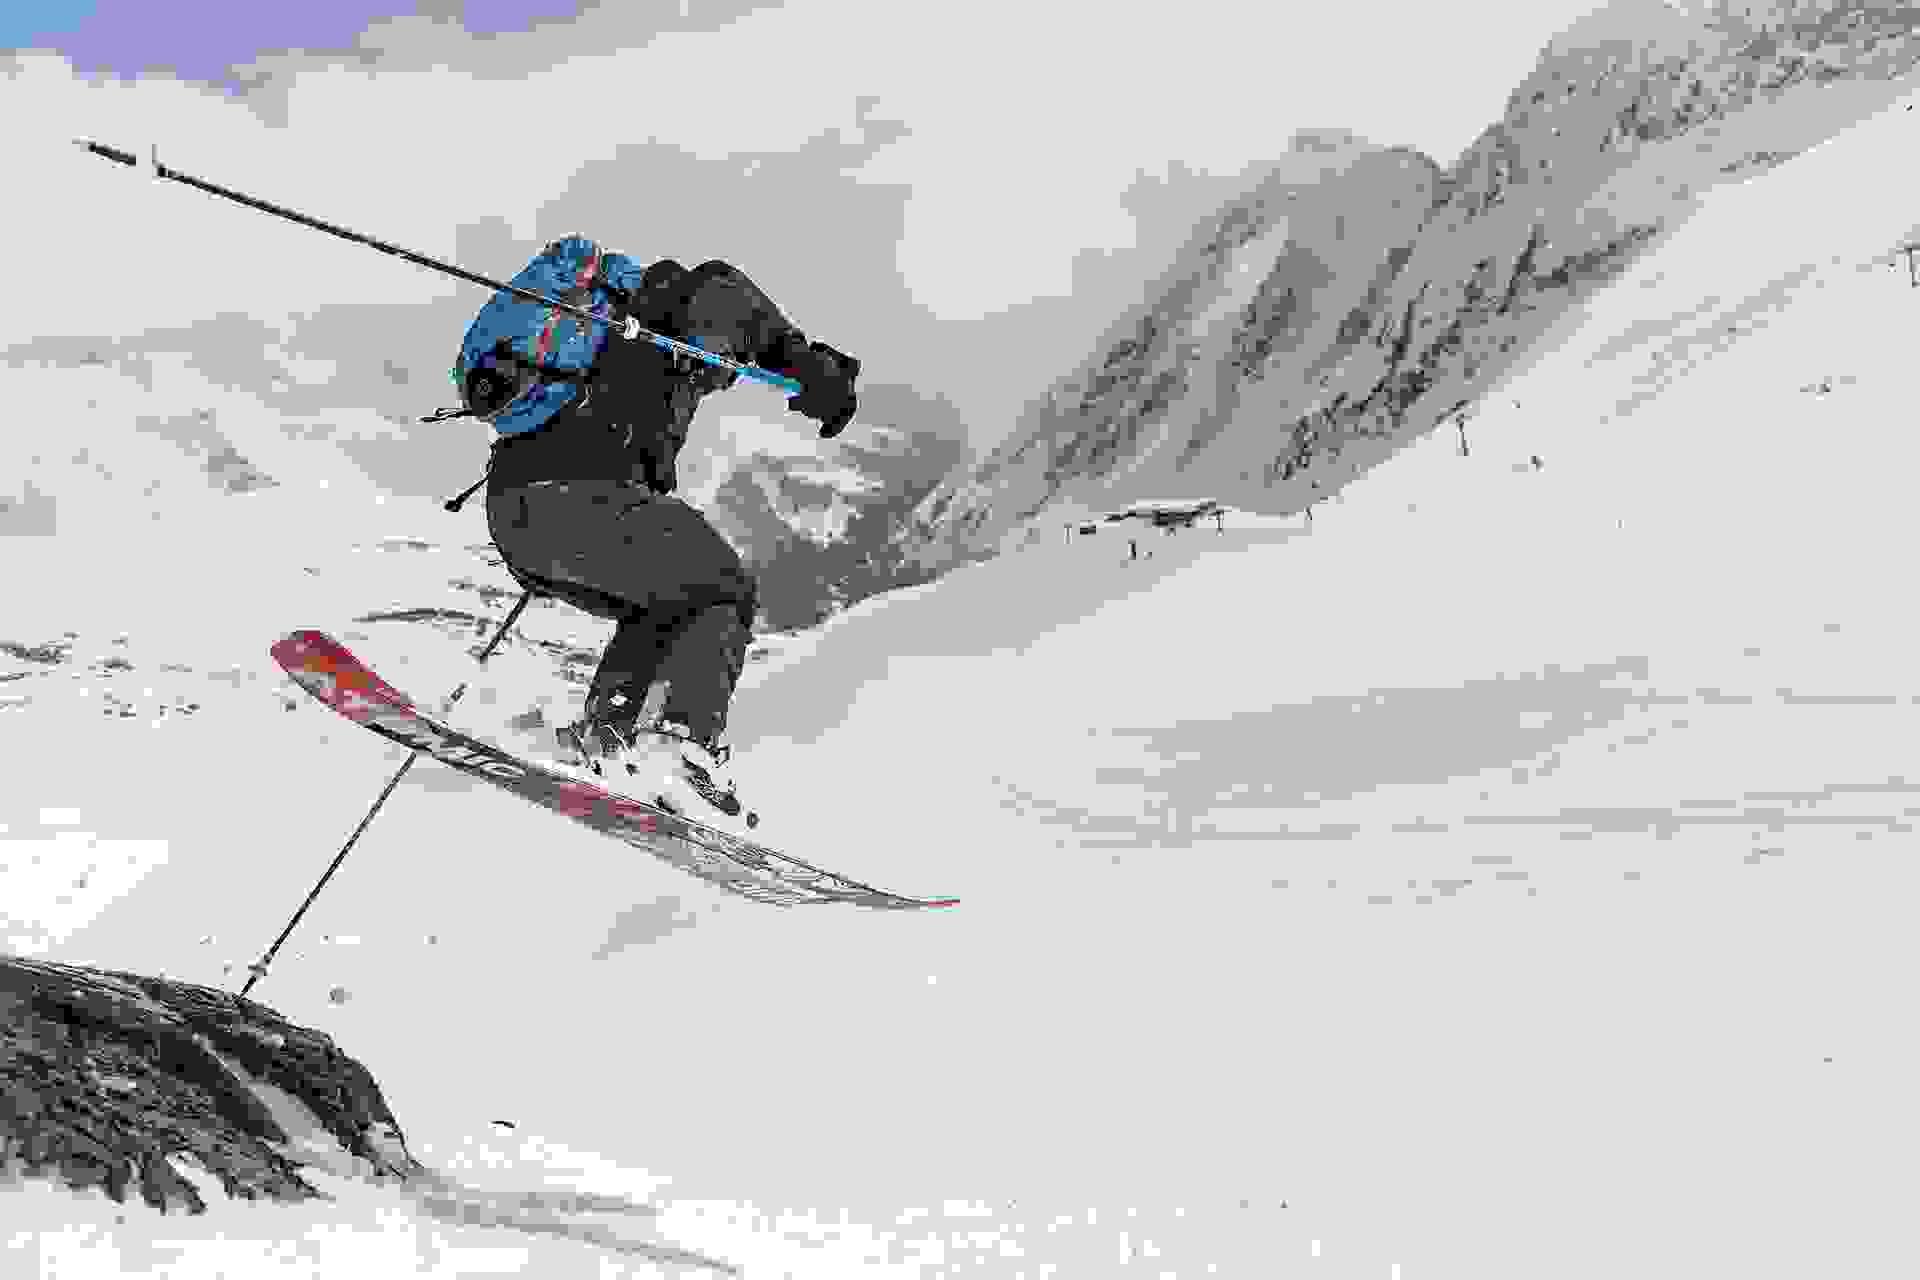 Ein Freeride Skifahrer springt mit seinen Freeride Ski über einen kleinen Abgrund